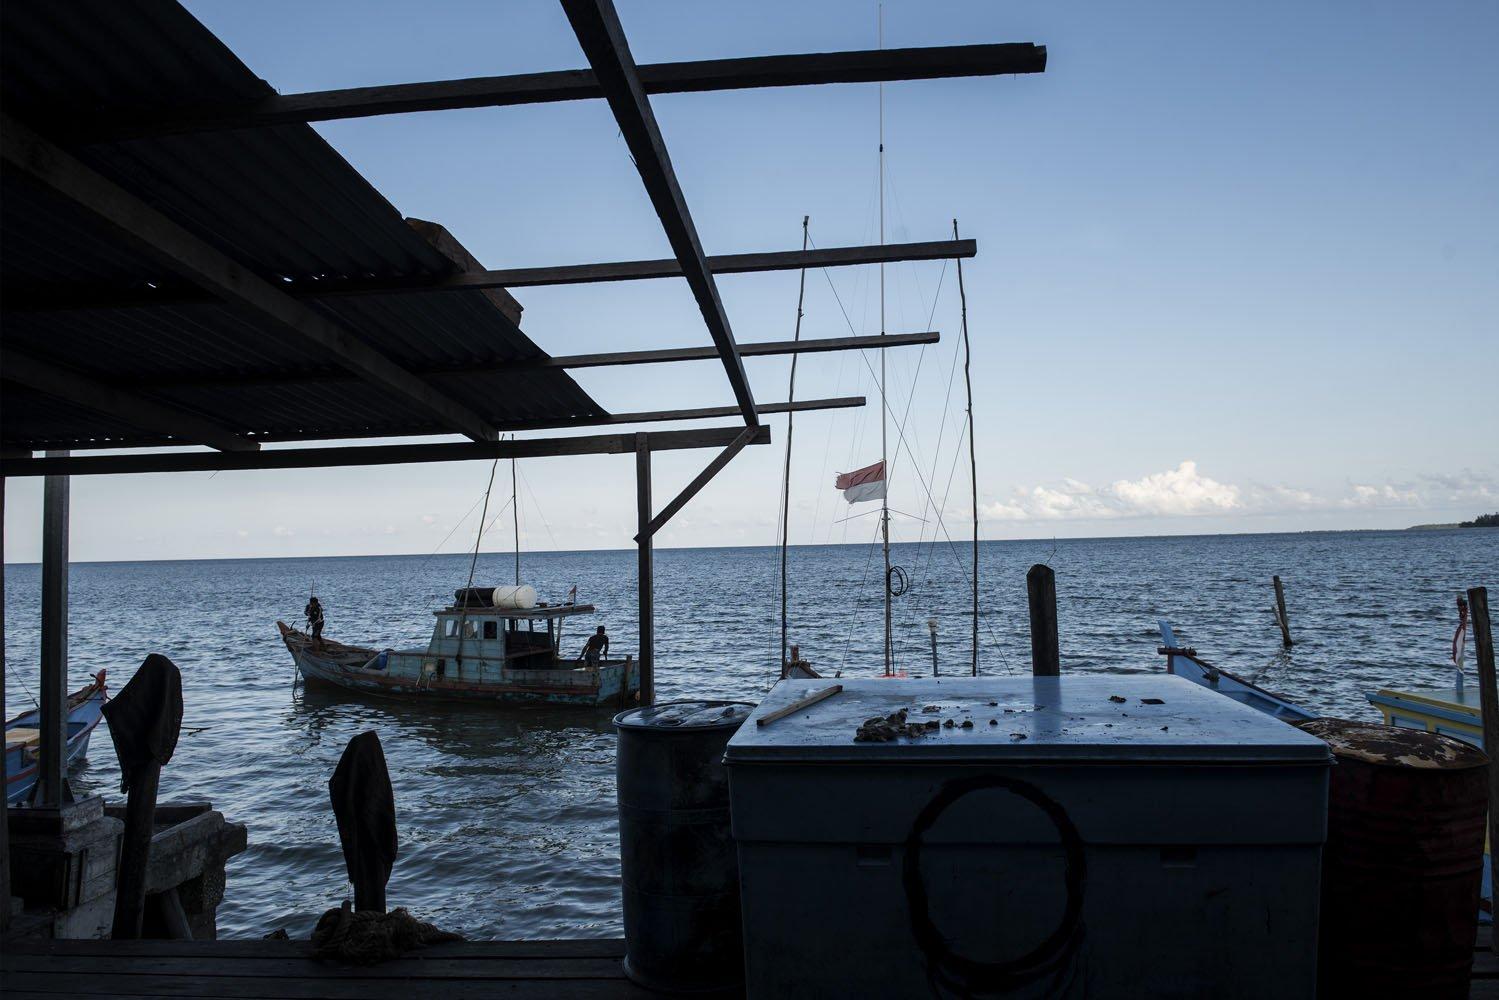 Nelayan melintas di dermaga kecil di Kabupaten Natuna, Kepulauan Riau, Sabtu (29/7).